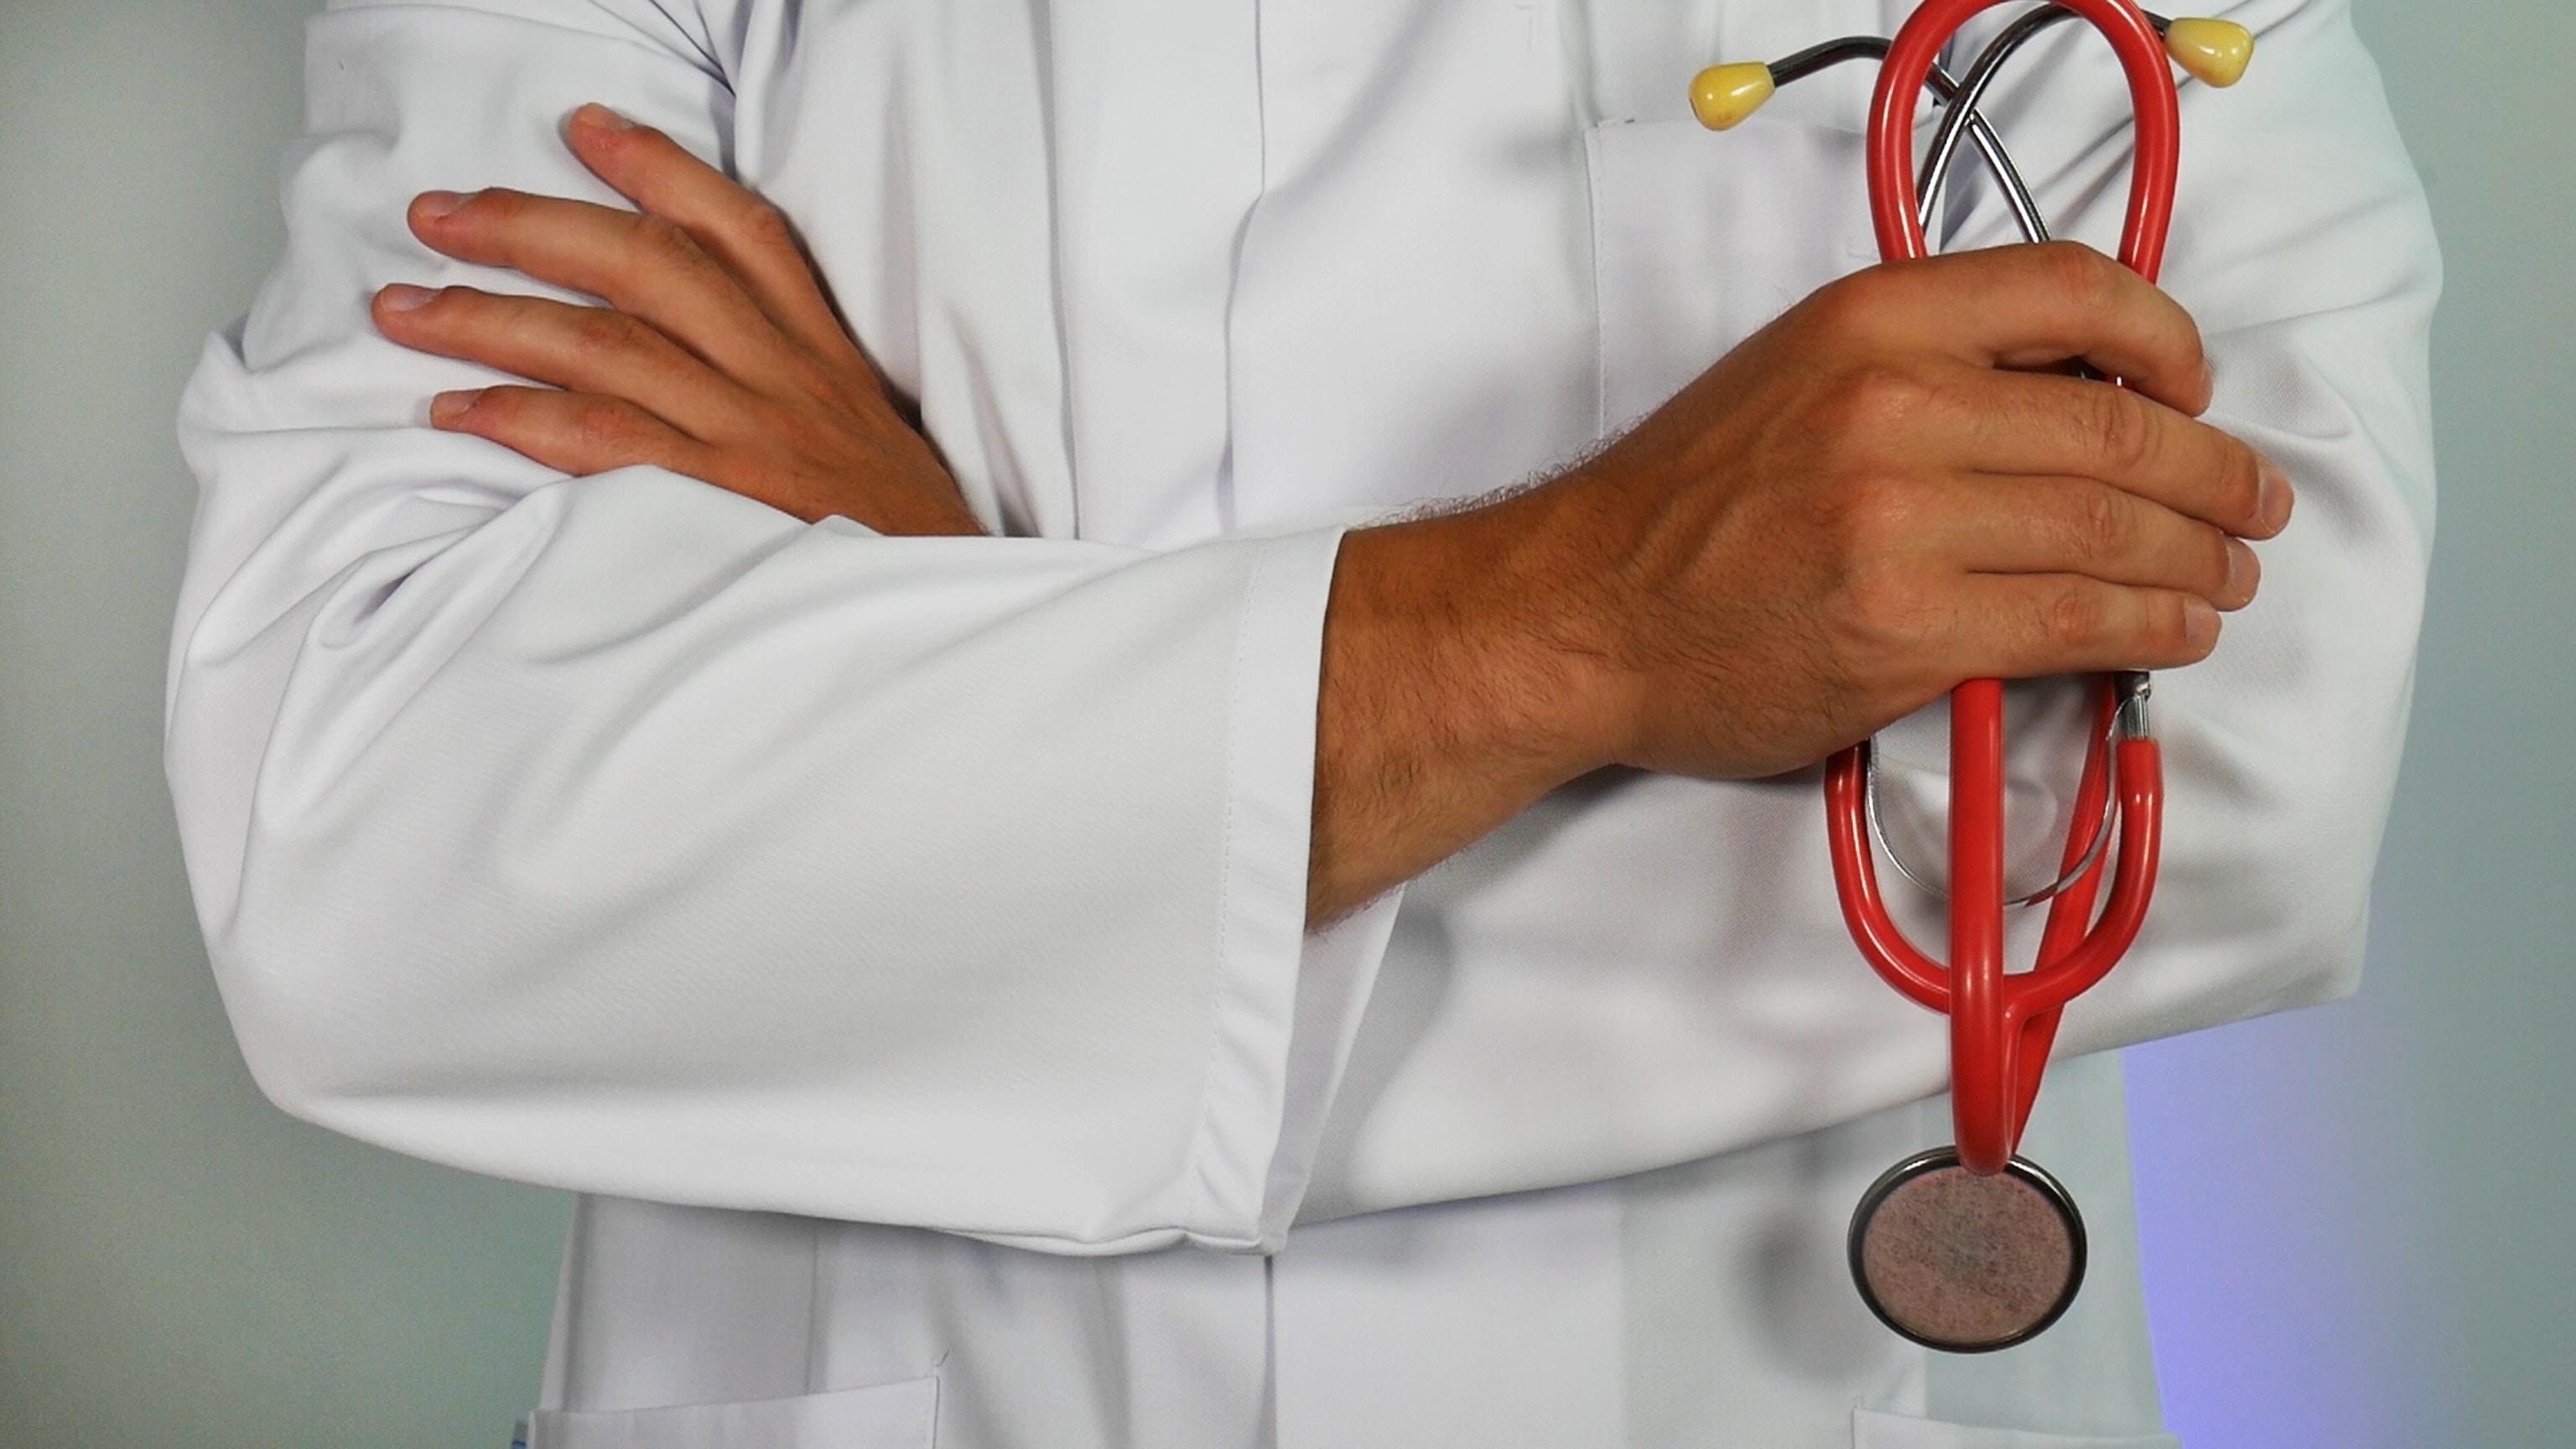 Luego de cumplir 40 años es necesario visitar al doctor periódicamente. (Foto Prensa Libre: Servicios)